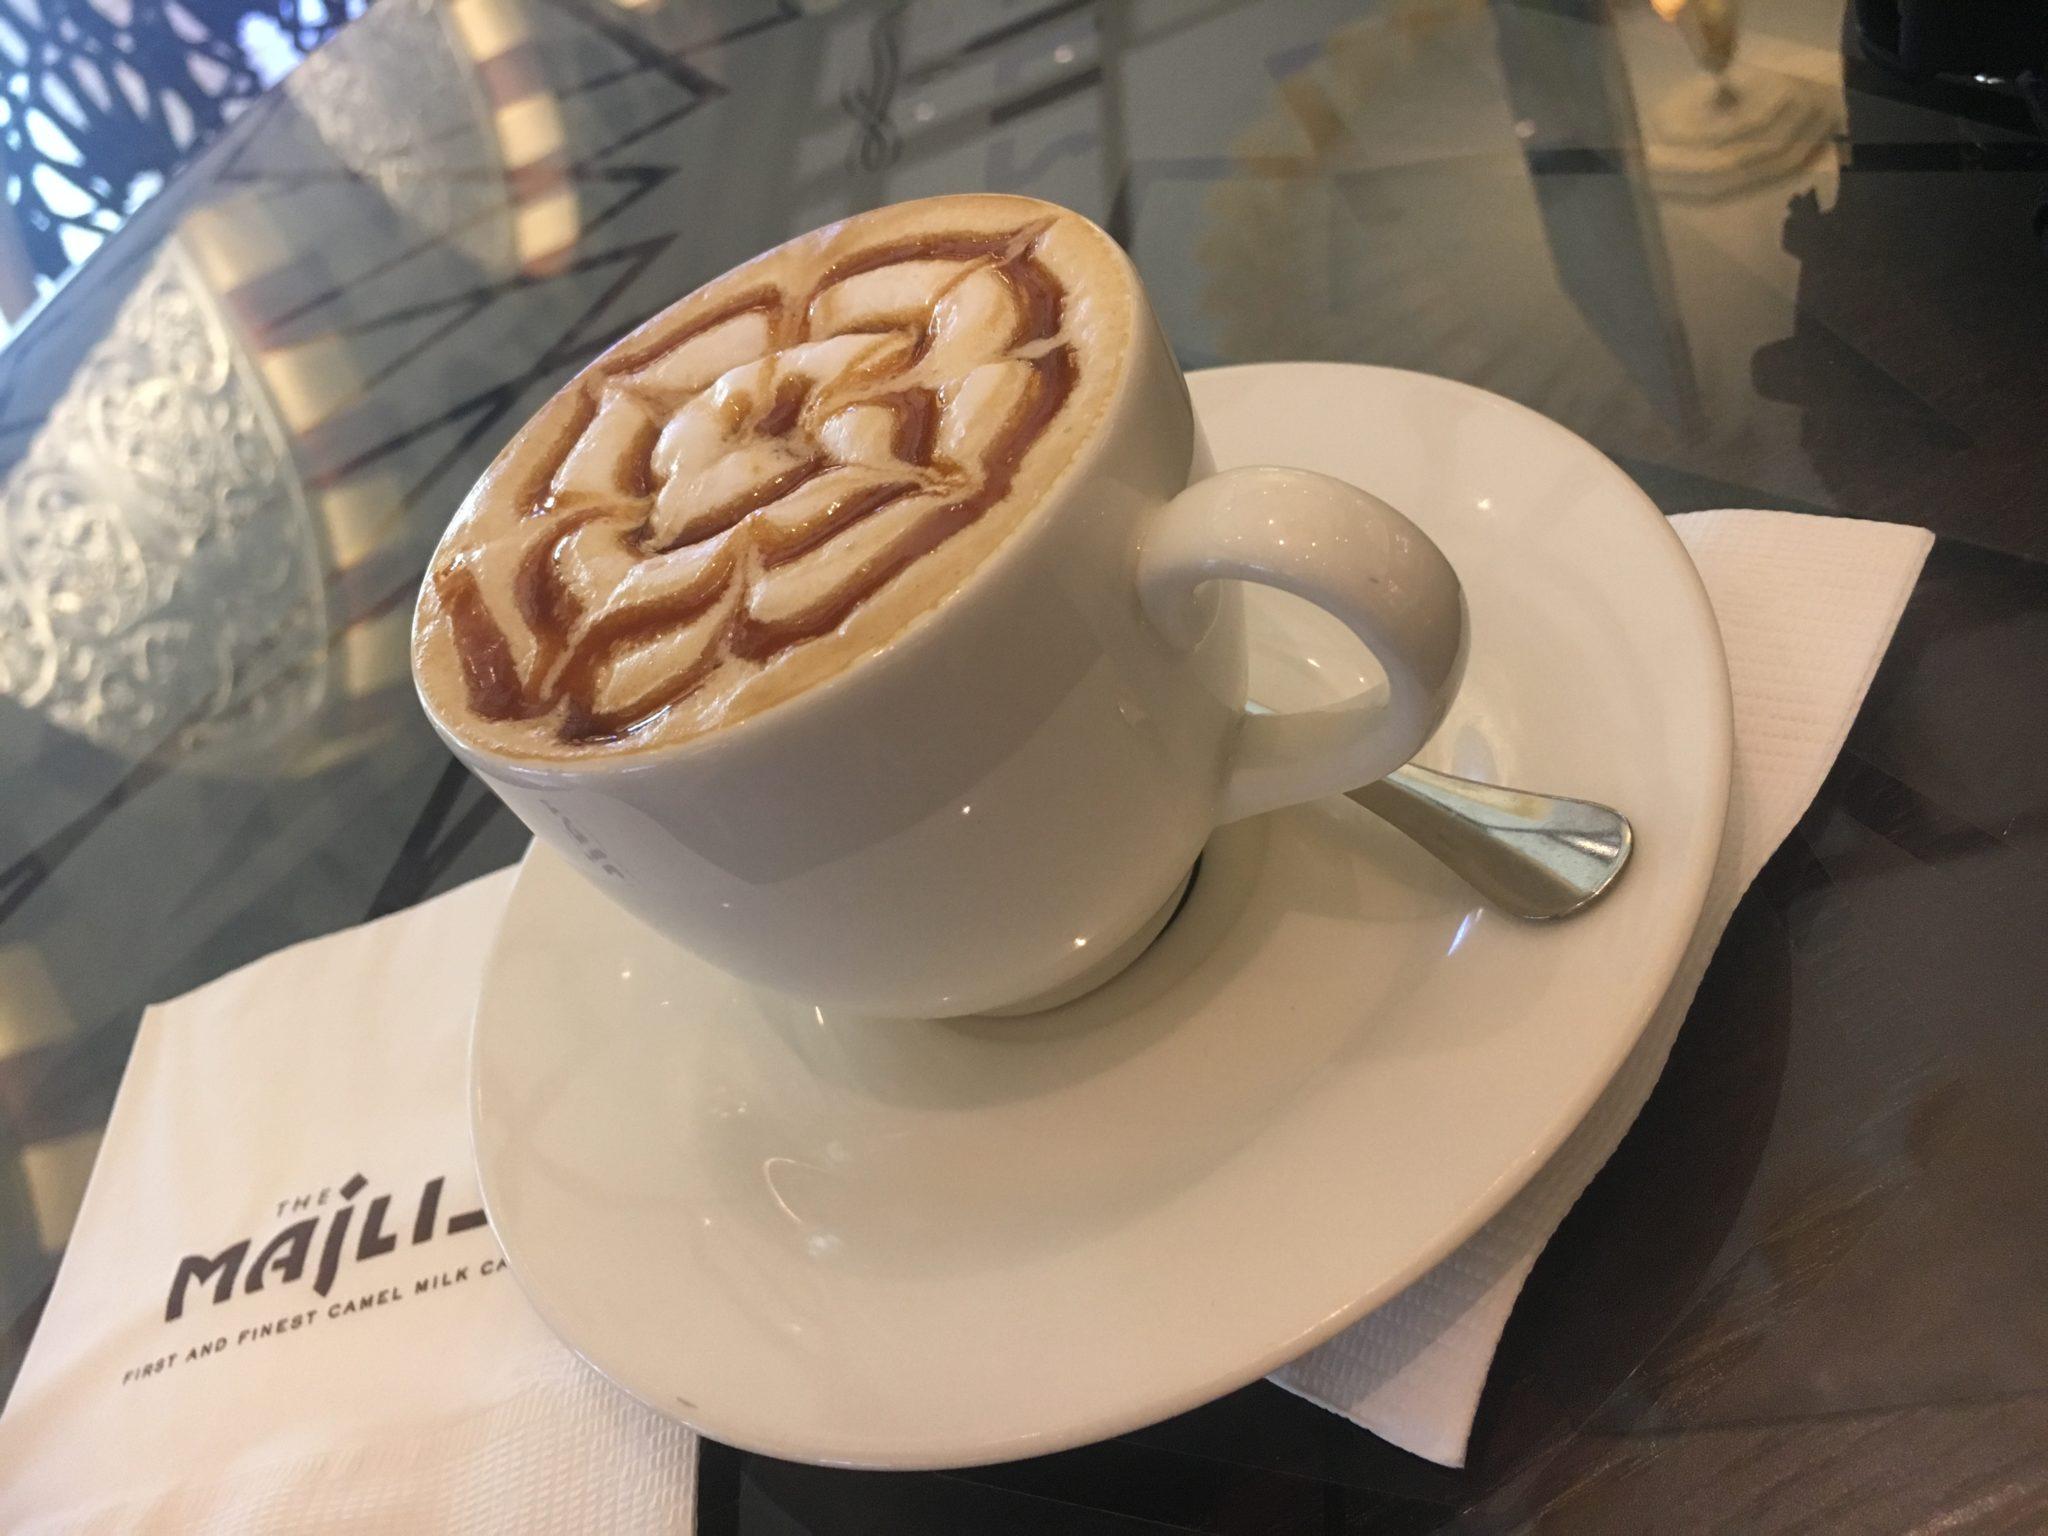 Camel milk cappuccino